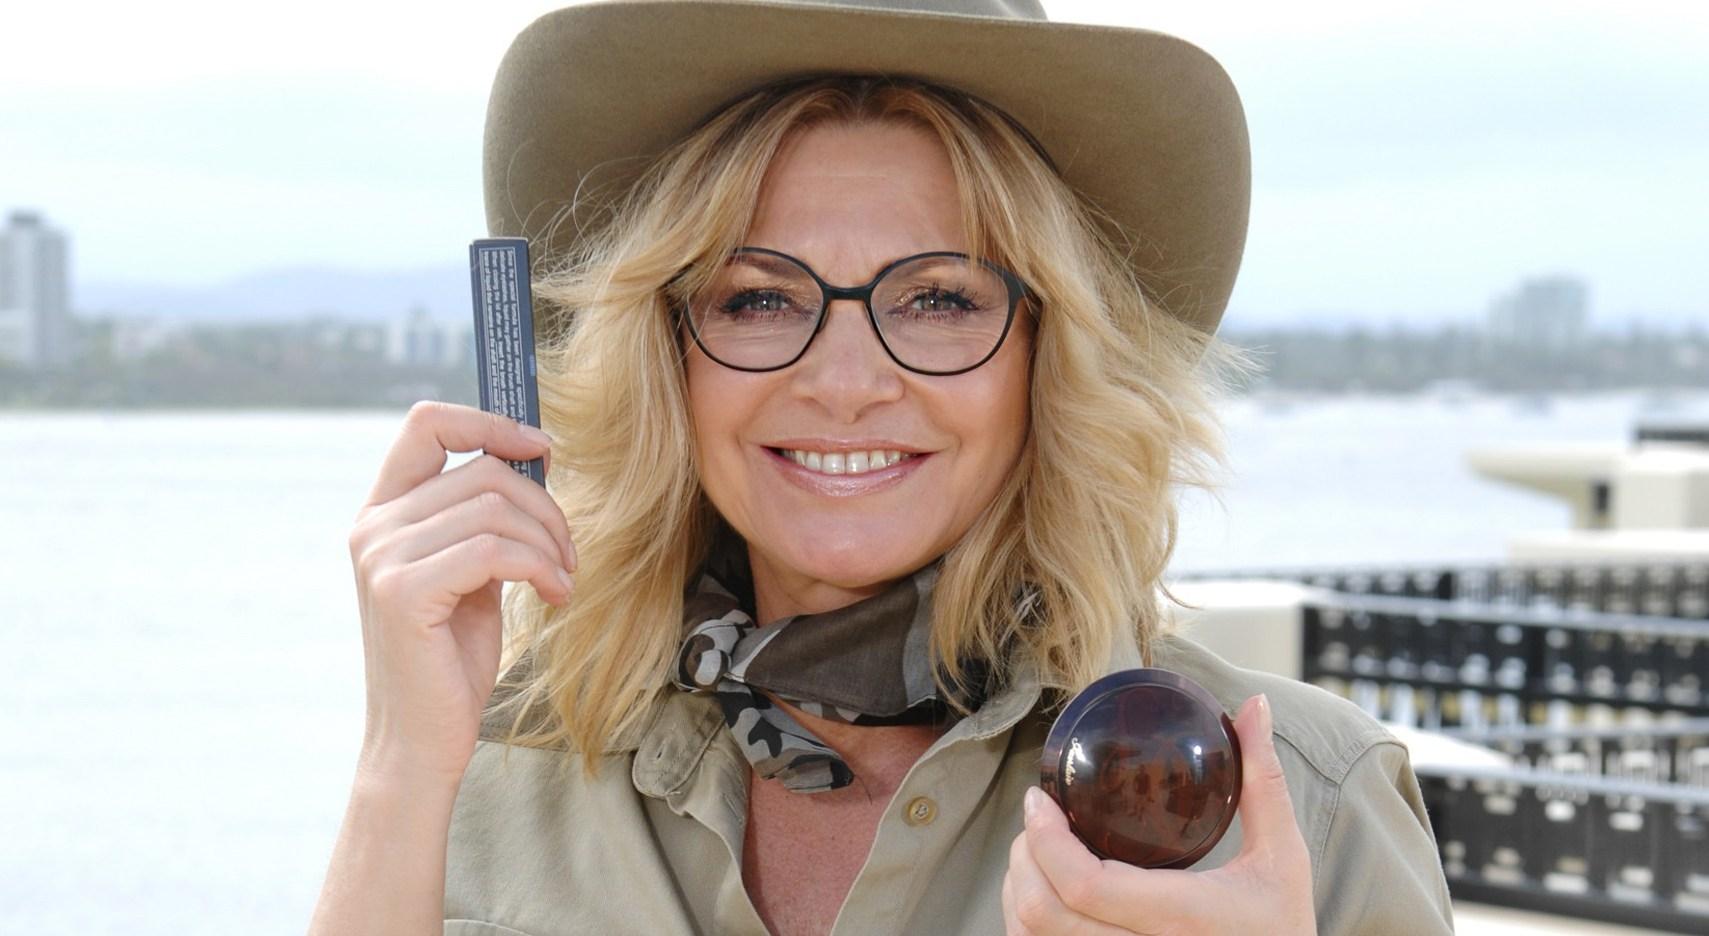 Maren Gilzer Kandidatin Teilnehmerin Dschungelcamp 2015 Luxusgegenstand